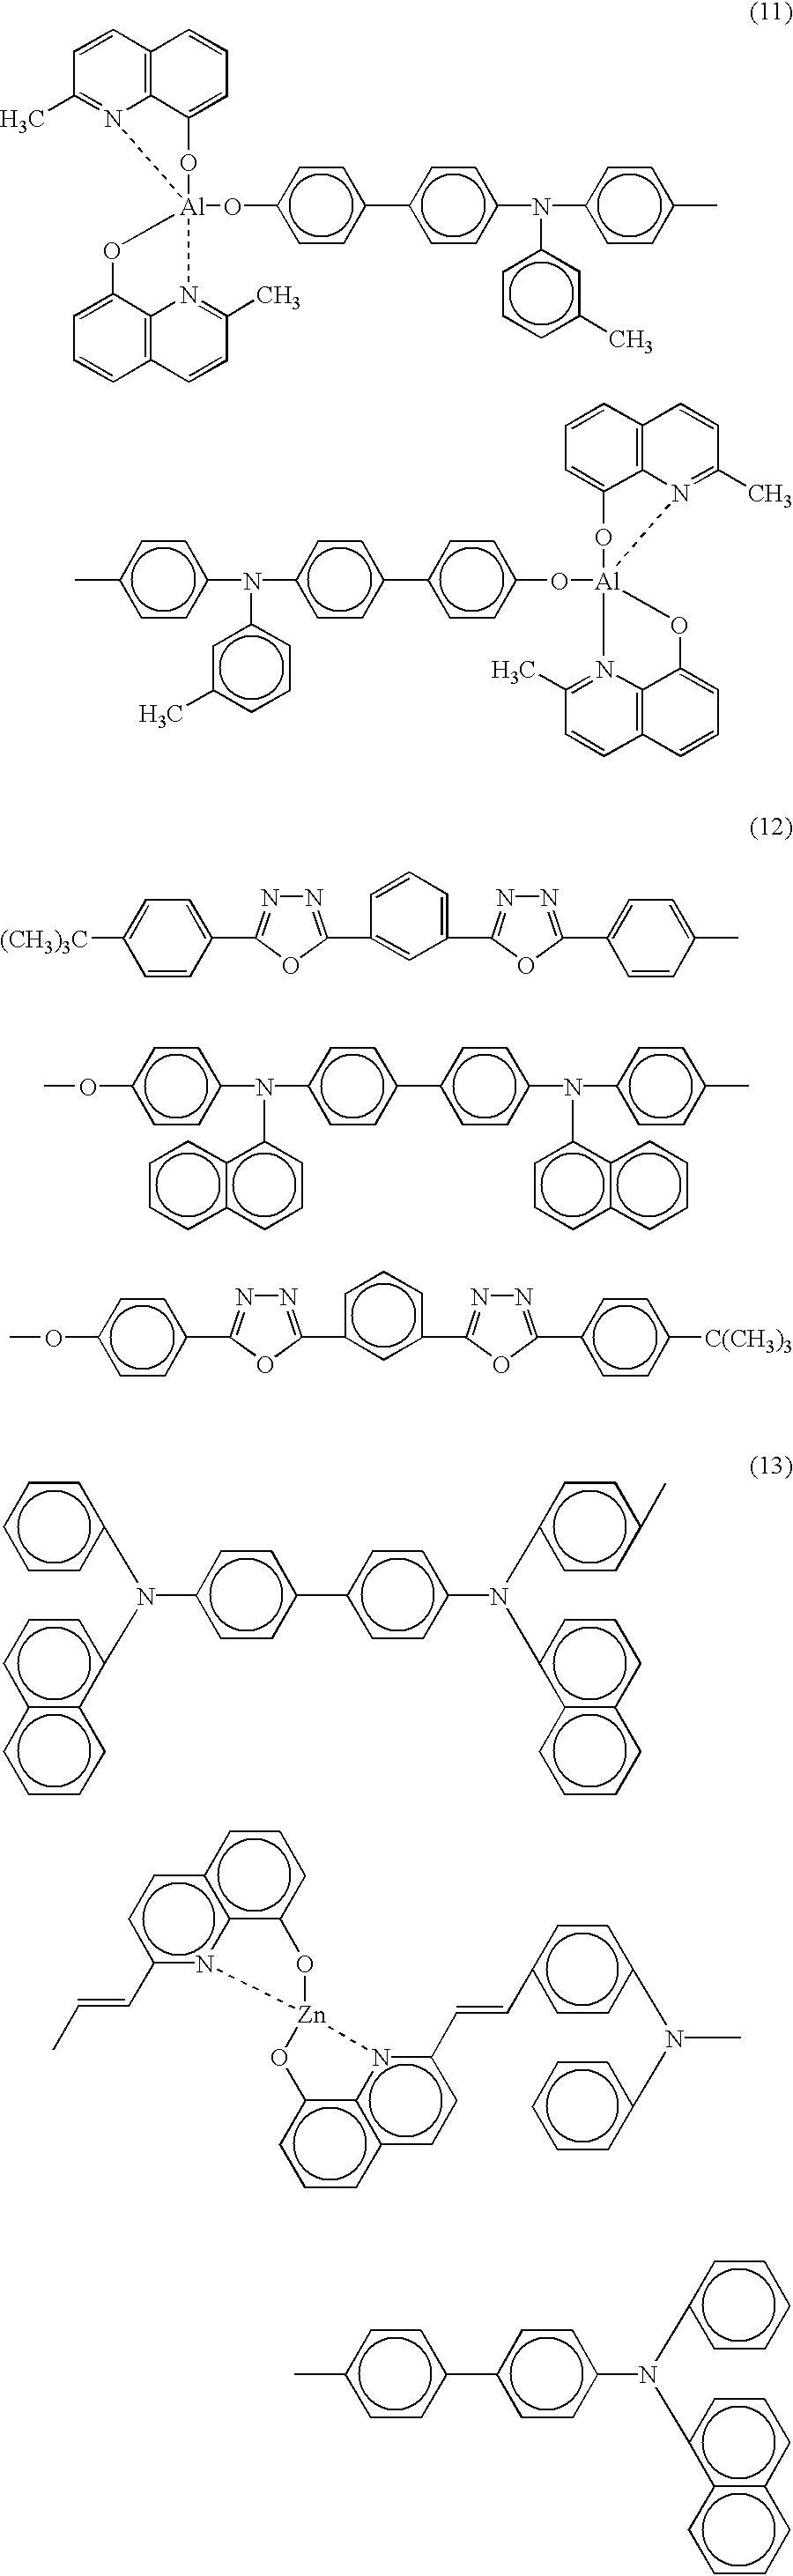 Figure US06406804-20020618-C00006